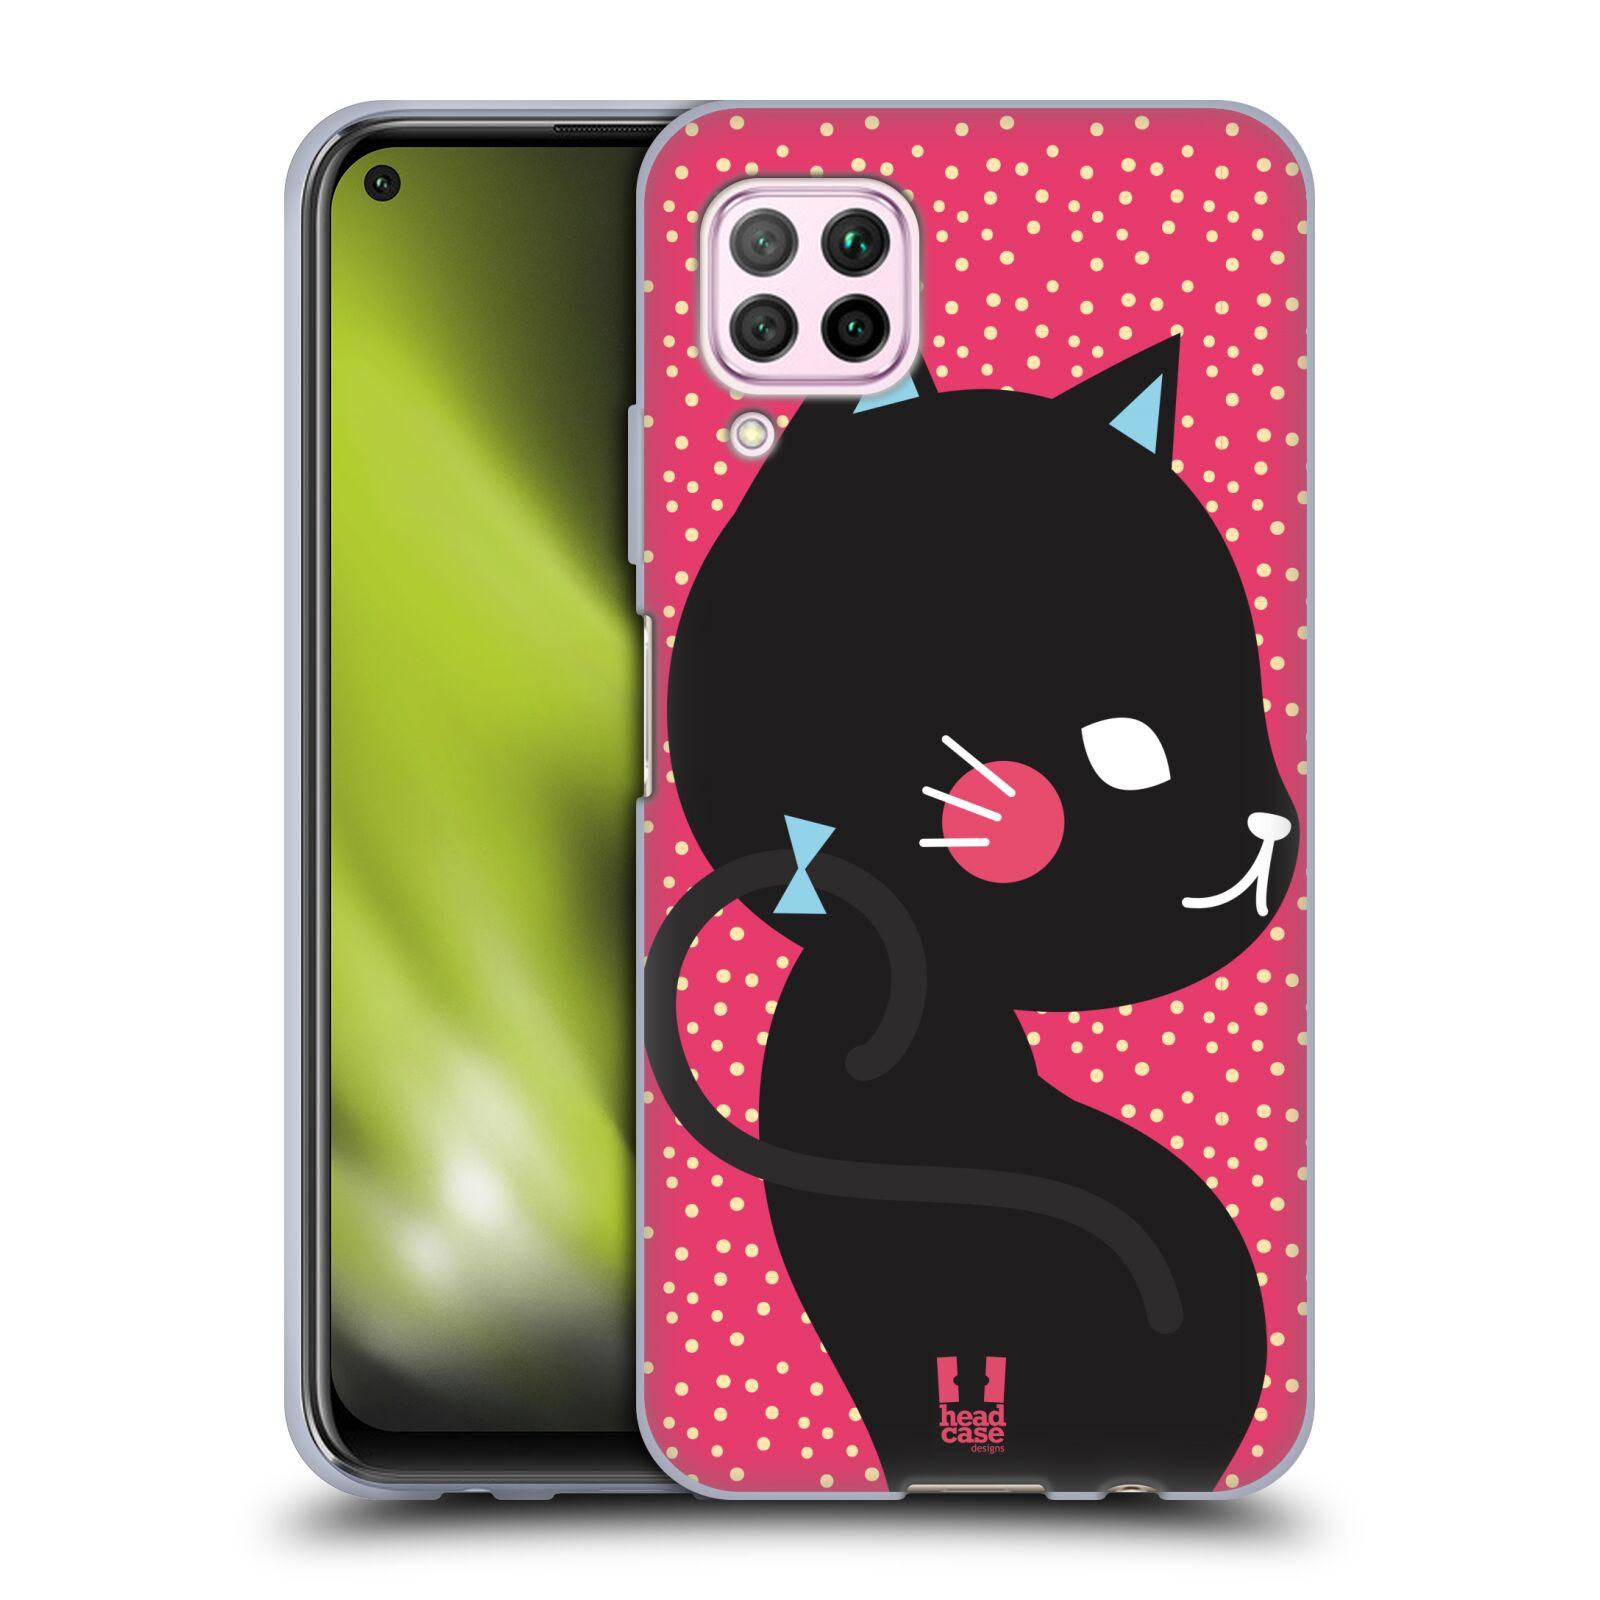 Silikonové pouzdro na mobil Huawei P40 Lite - Head Case - KOČIČKA Černá NA RŮŽOVÉ